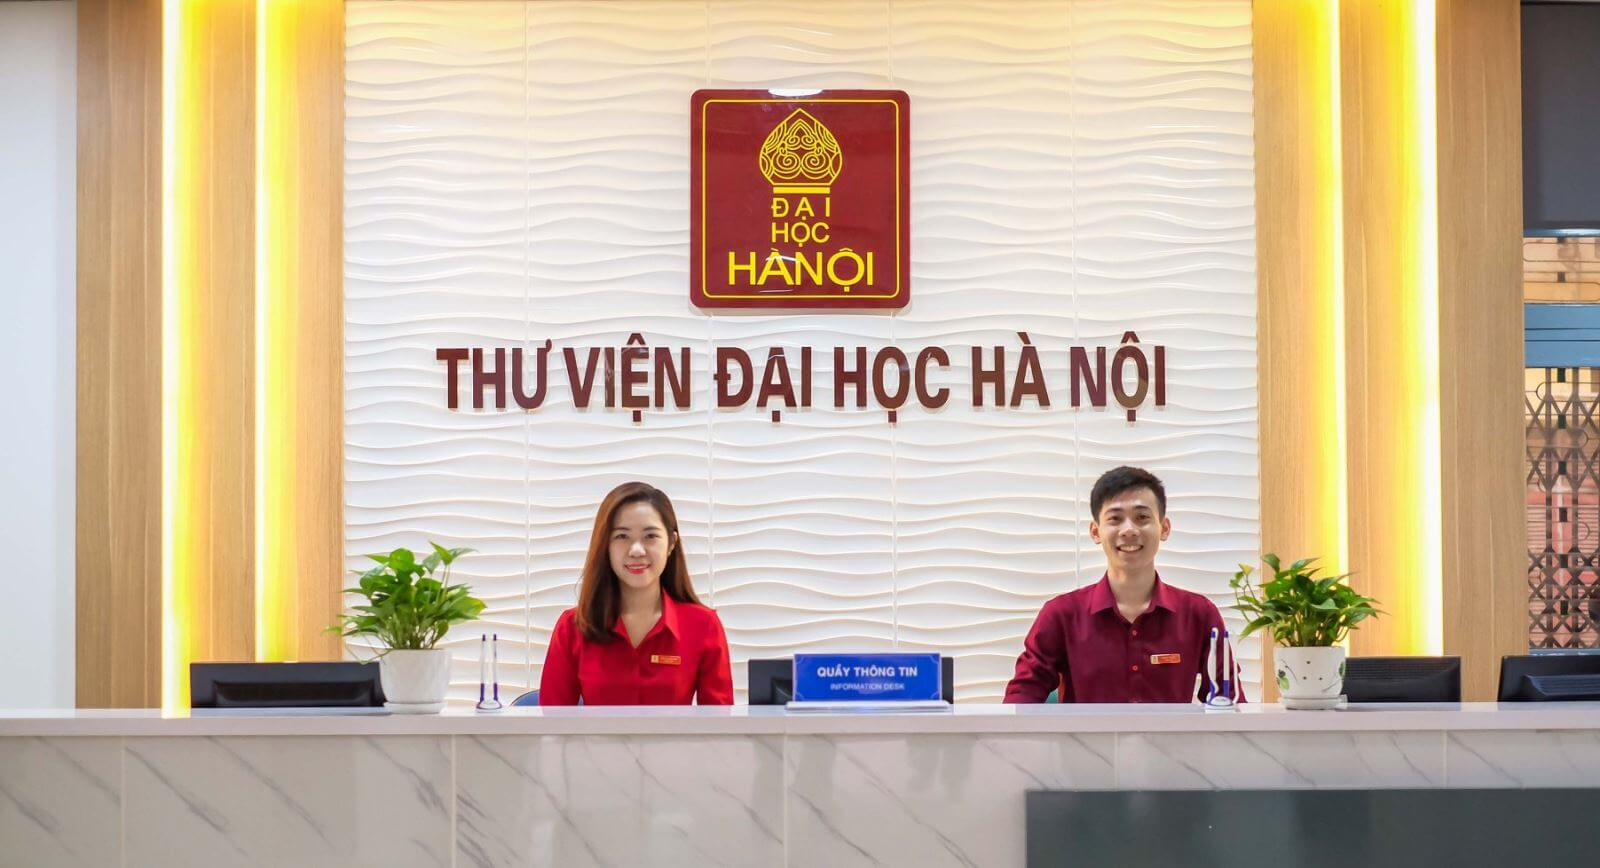 Nên học tiếng ở Đại học Ngoại ngữ Quốc gia (ULIS) hay Đại học Hà Nội (HANU): Đây sẽ là câu trả lời chính xác nhất gửi đến các thí sinh  - Ảnh 8.